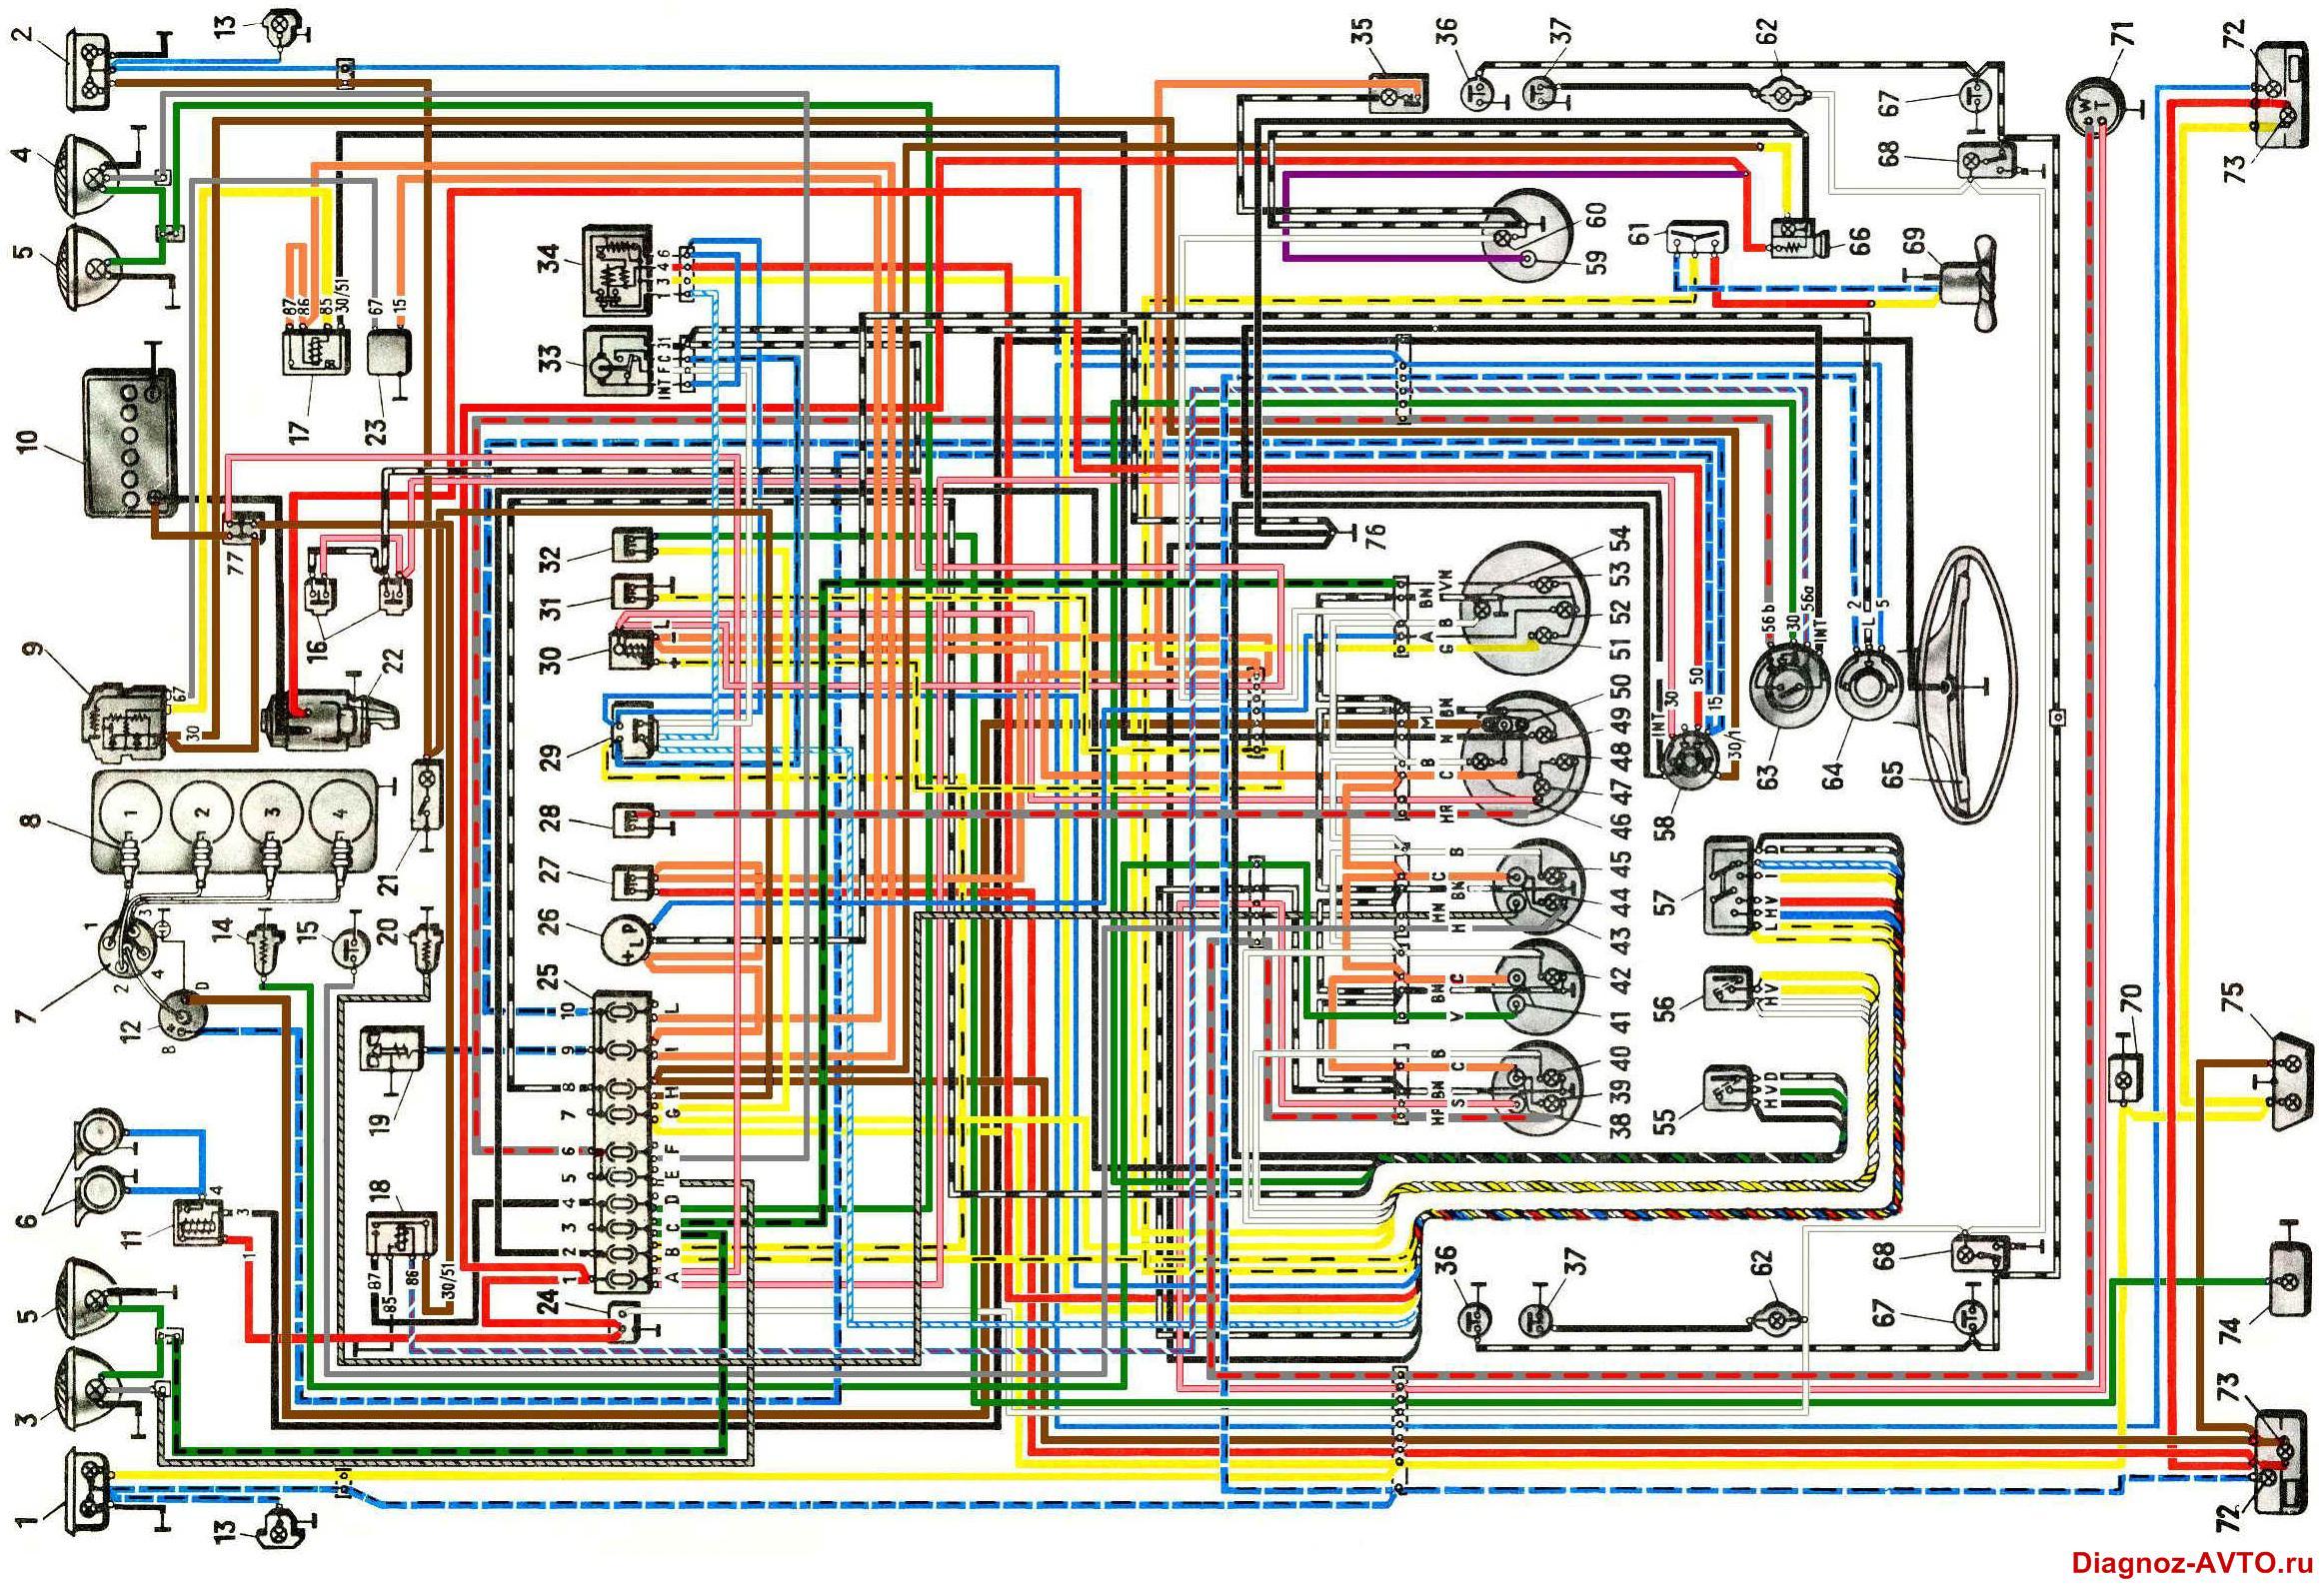 Электрическая схема в автомобиле